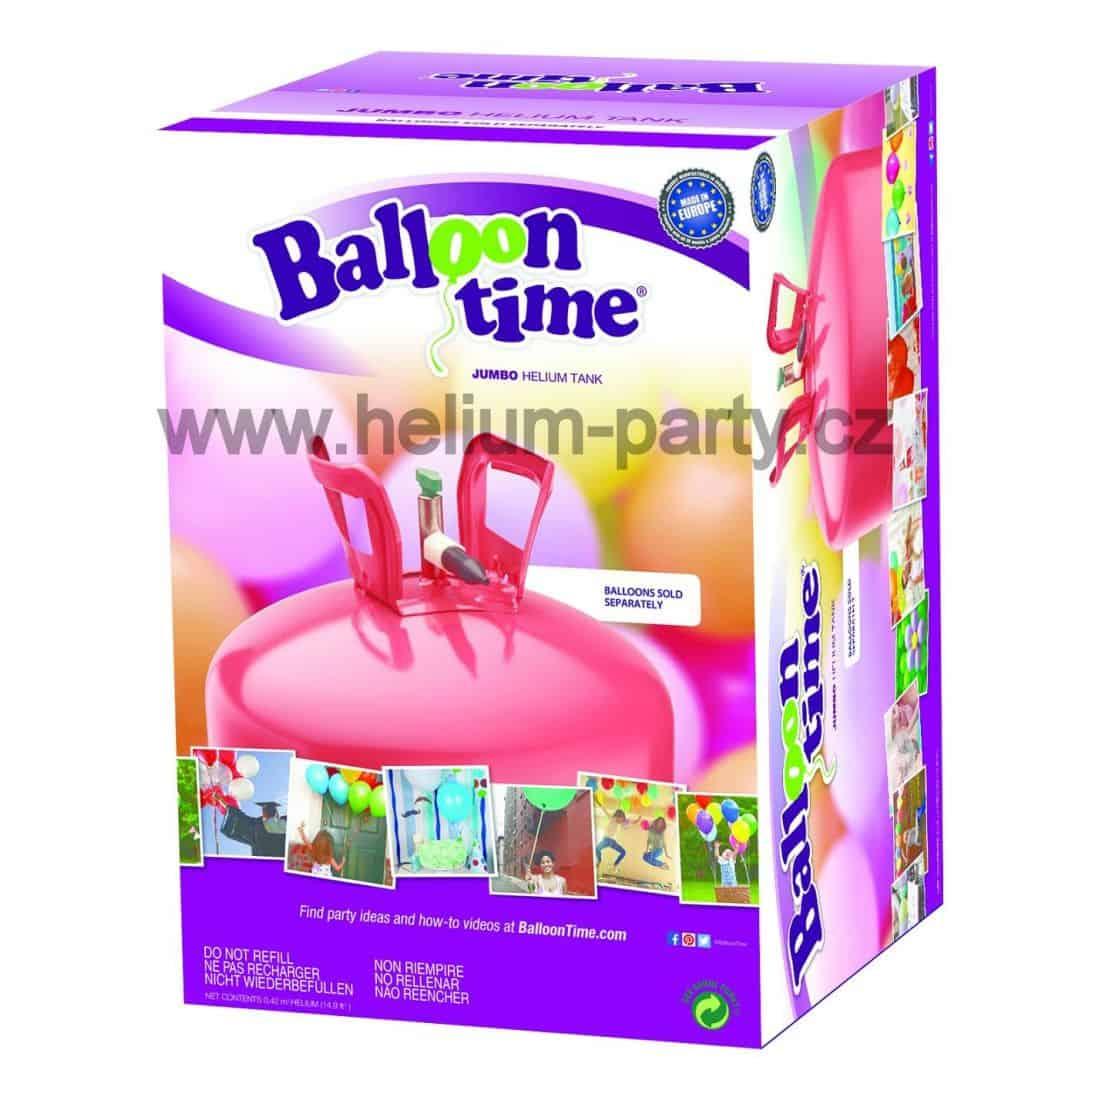 helium-party-Balloonia-helium